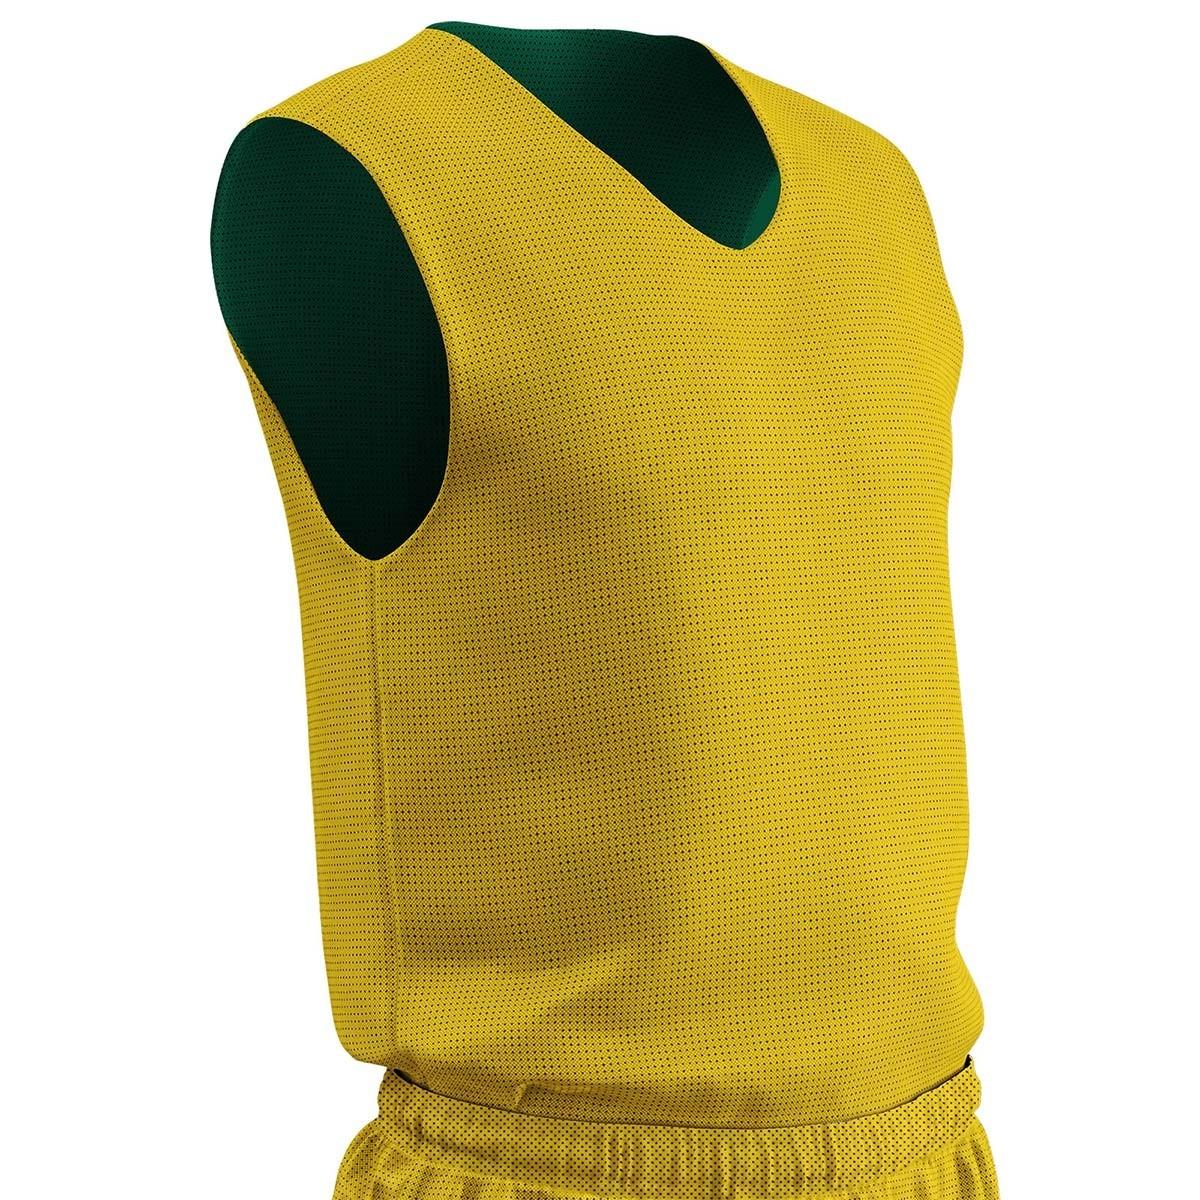 b8e4b866796f Champro Zone YOUTH Reversible Basketball Jersey